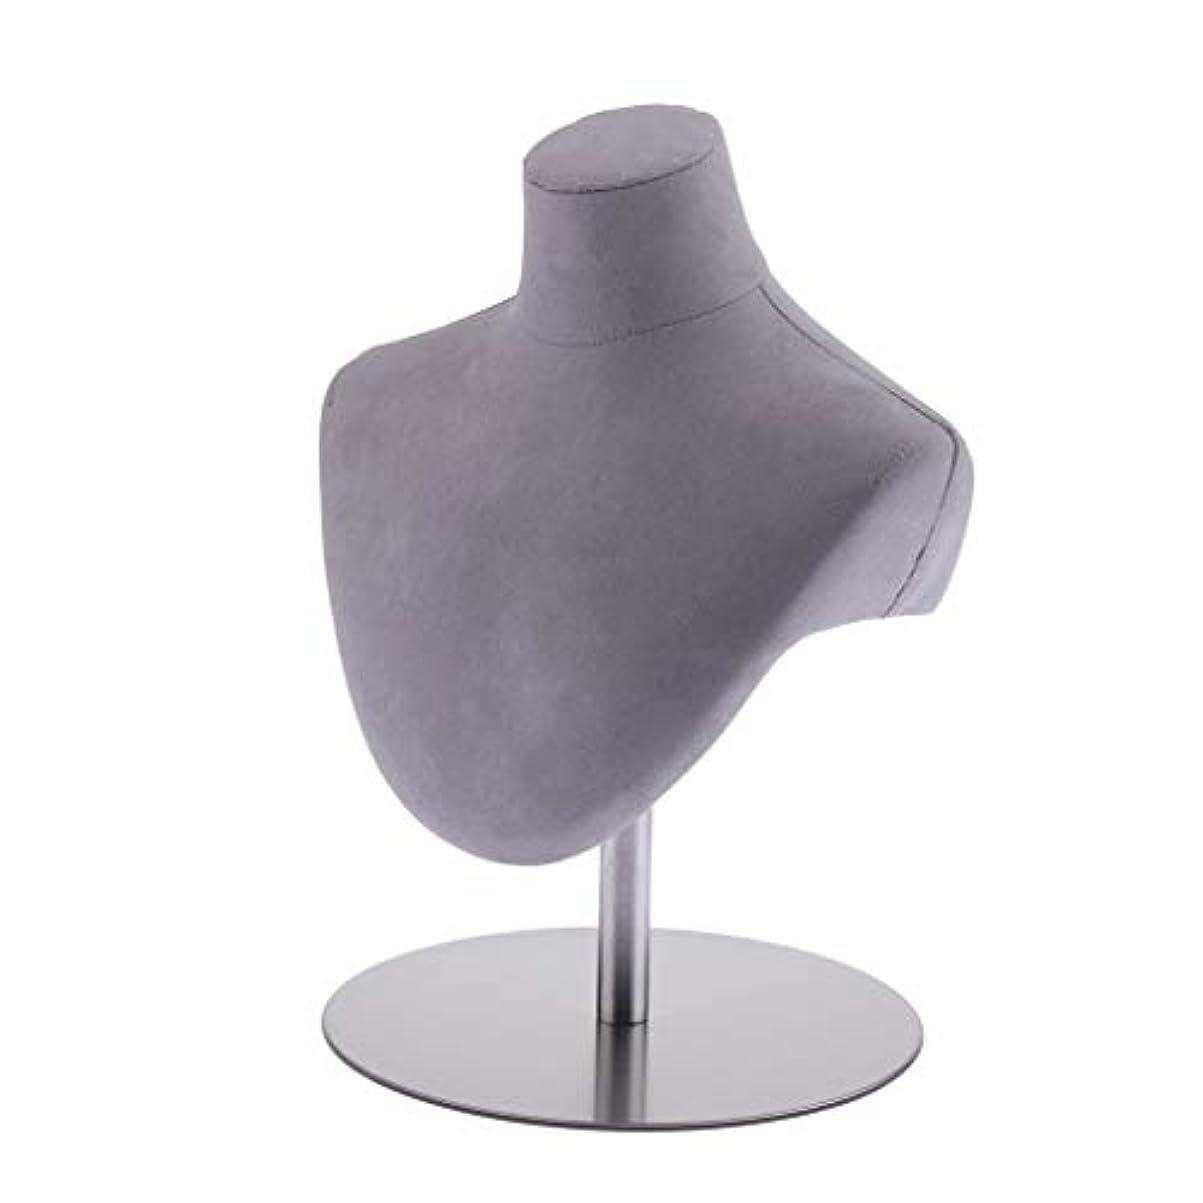 元のマーチャンダイザー才能のあるSM SunniMix ネックレス スカーフ ジュエリー ペンダント ディスプレイ スタンド 展示 ディスプレイバスト モデル